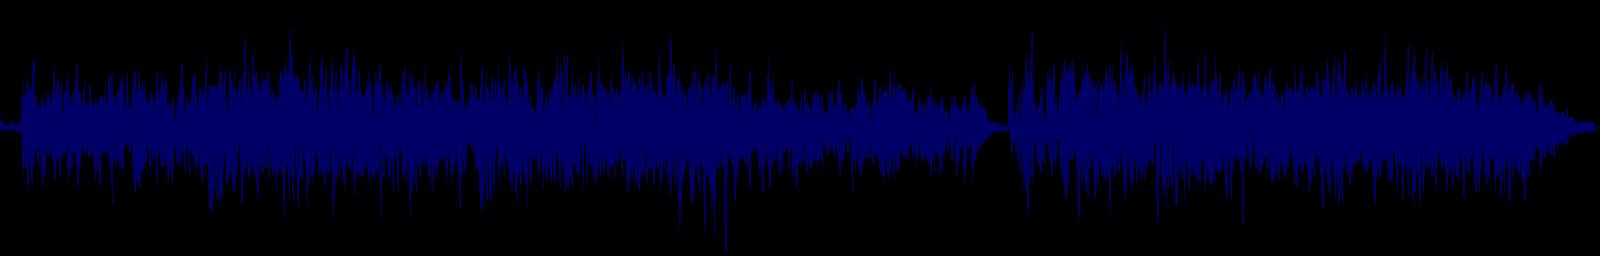 waveform of track #150723